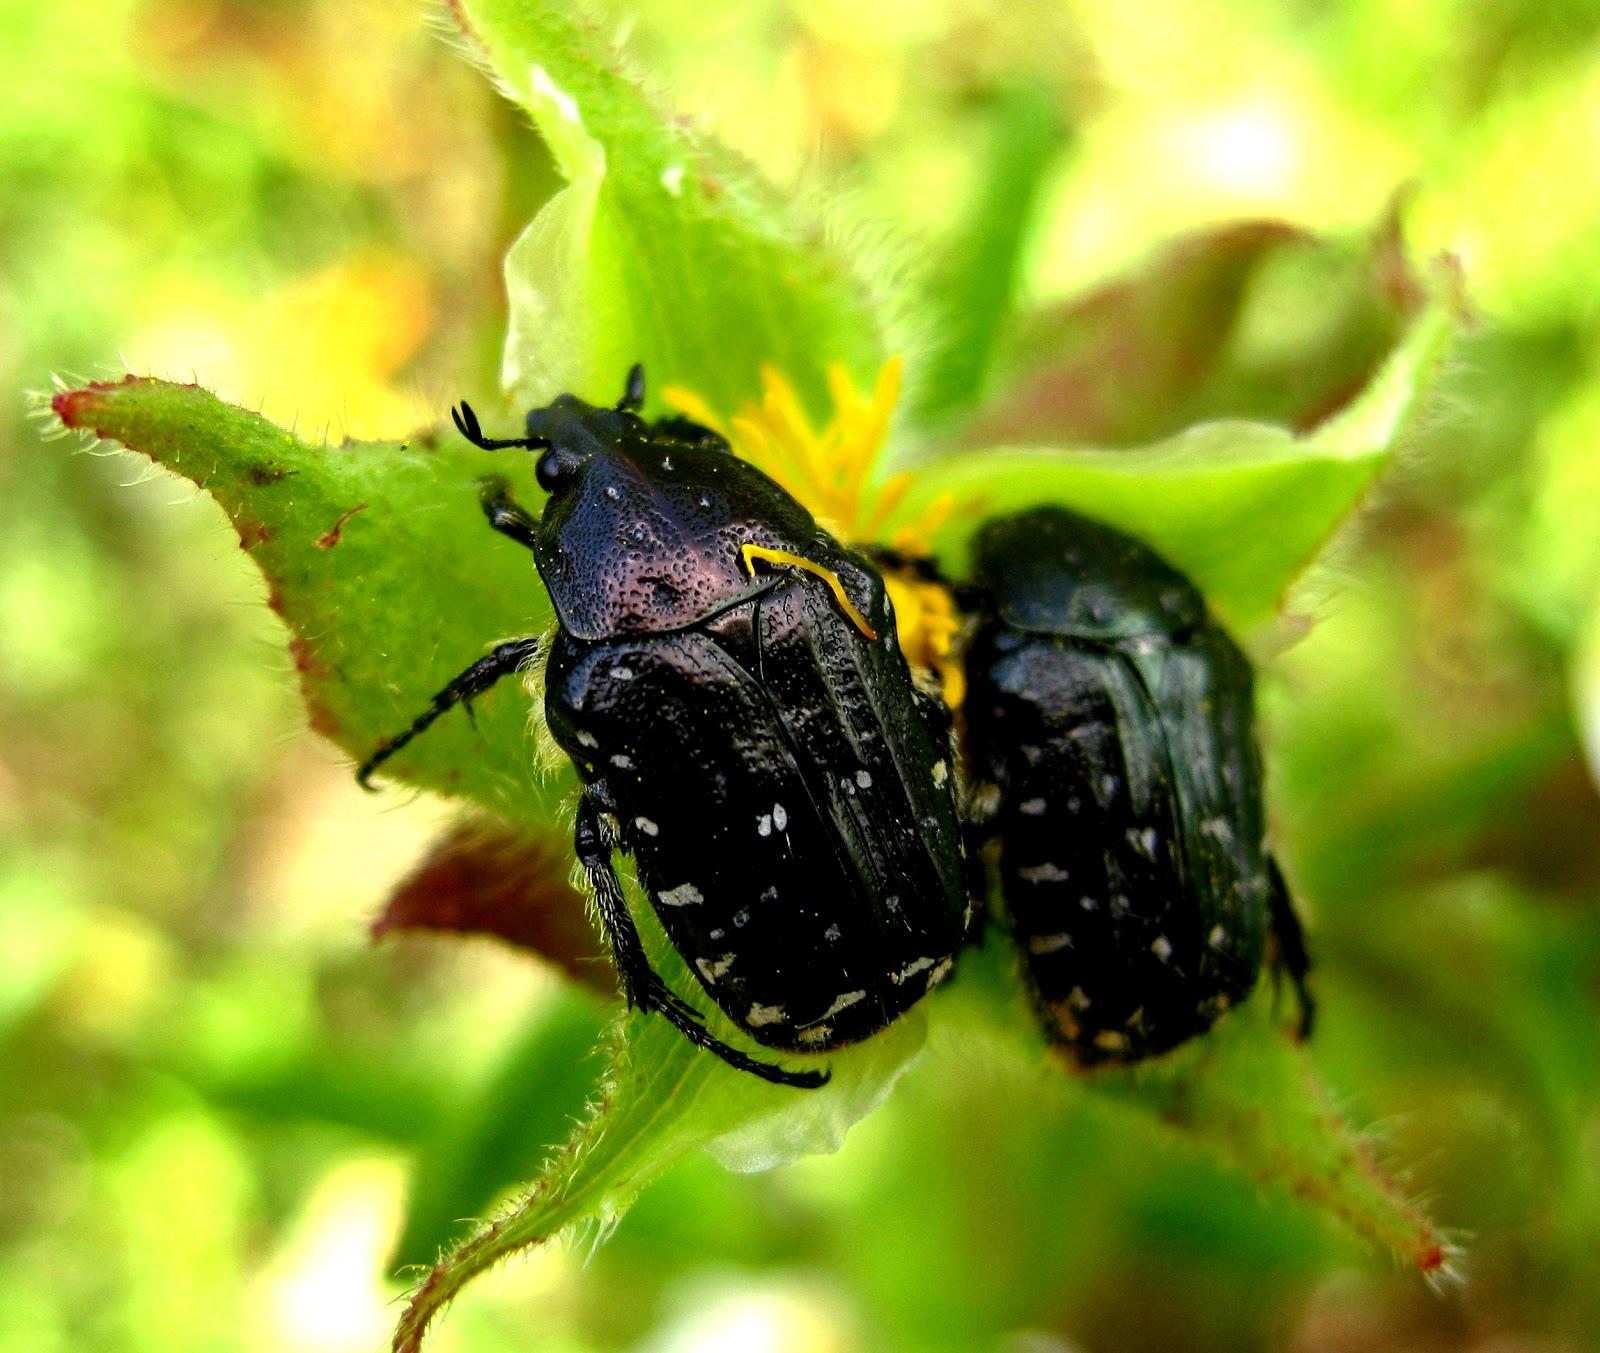 Conoce los insectos del Parque Cebollera